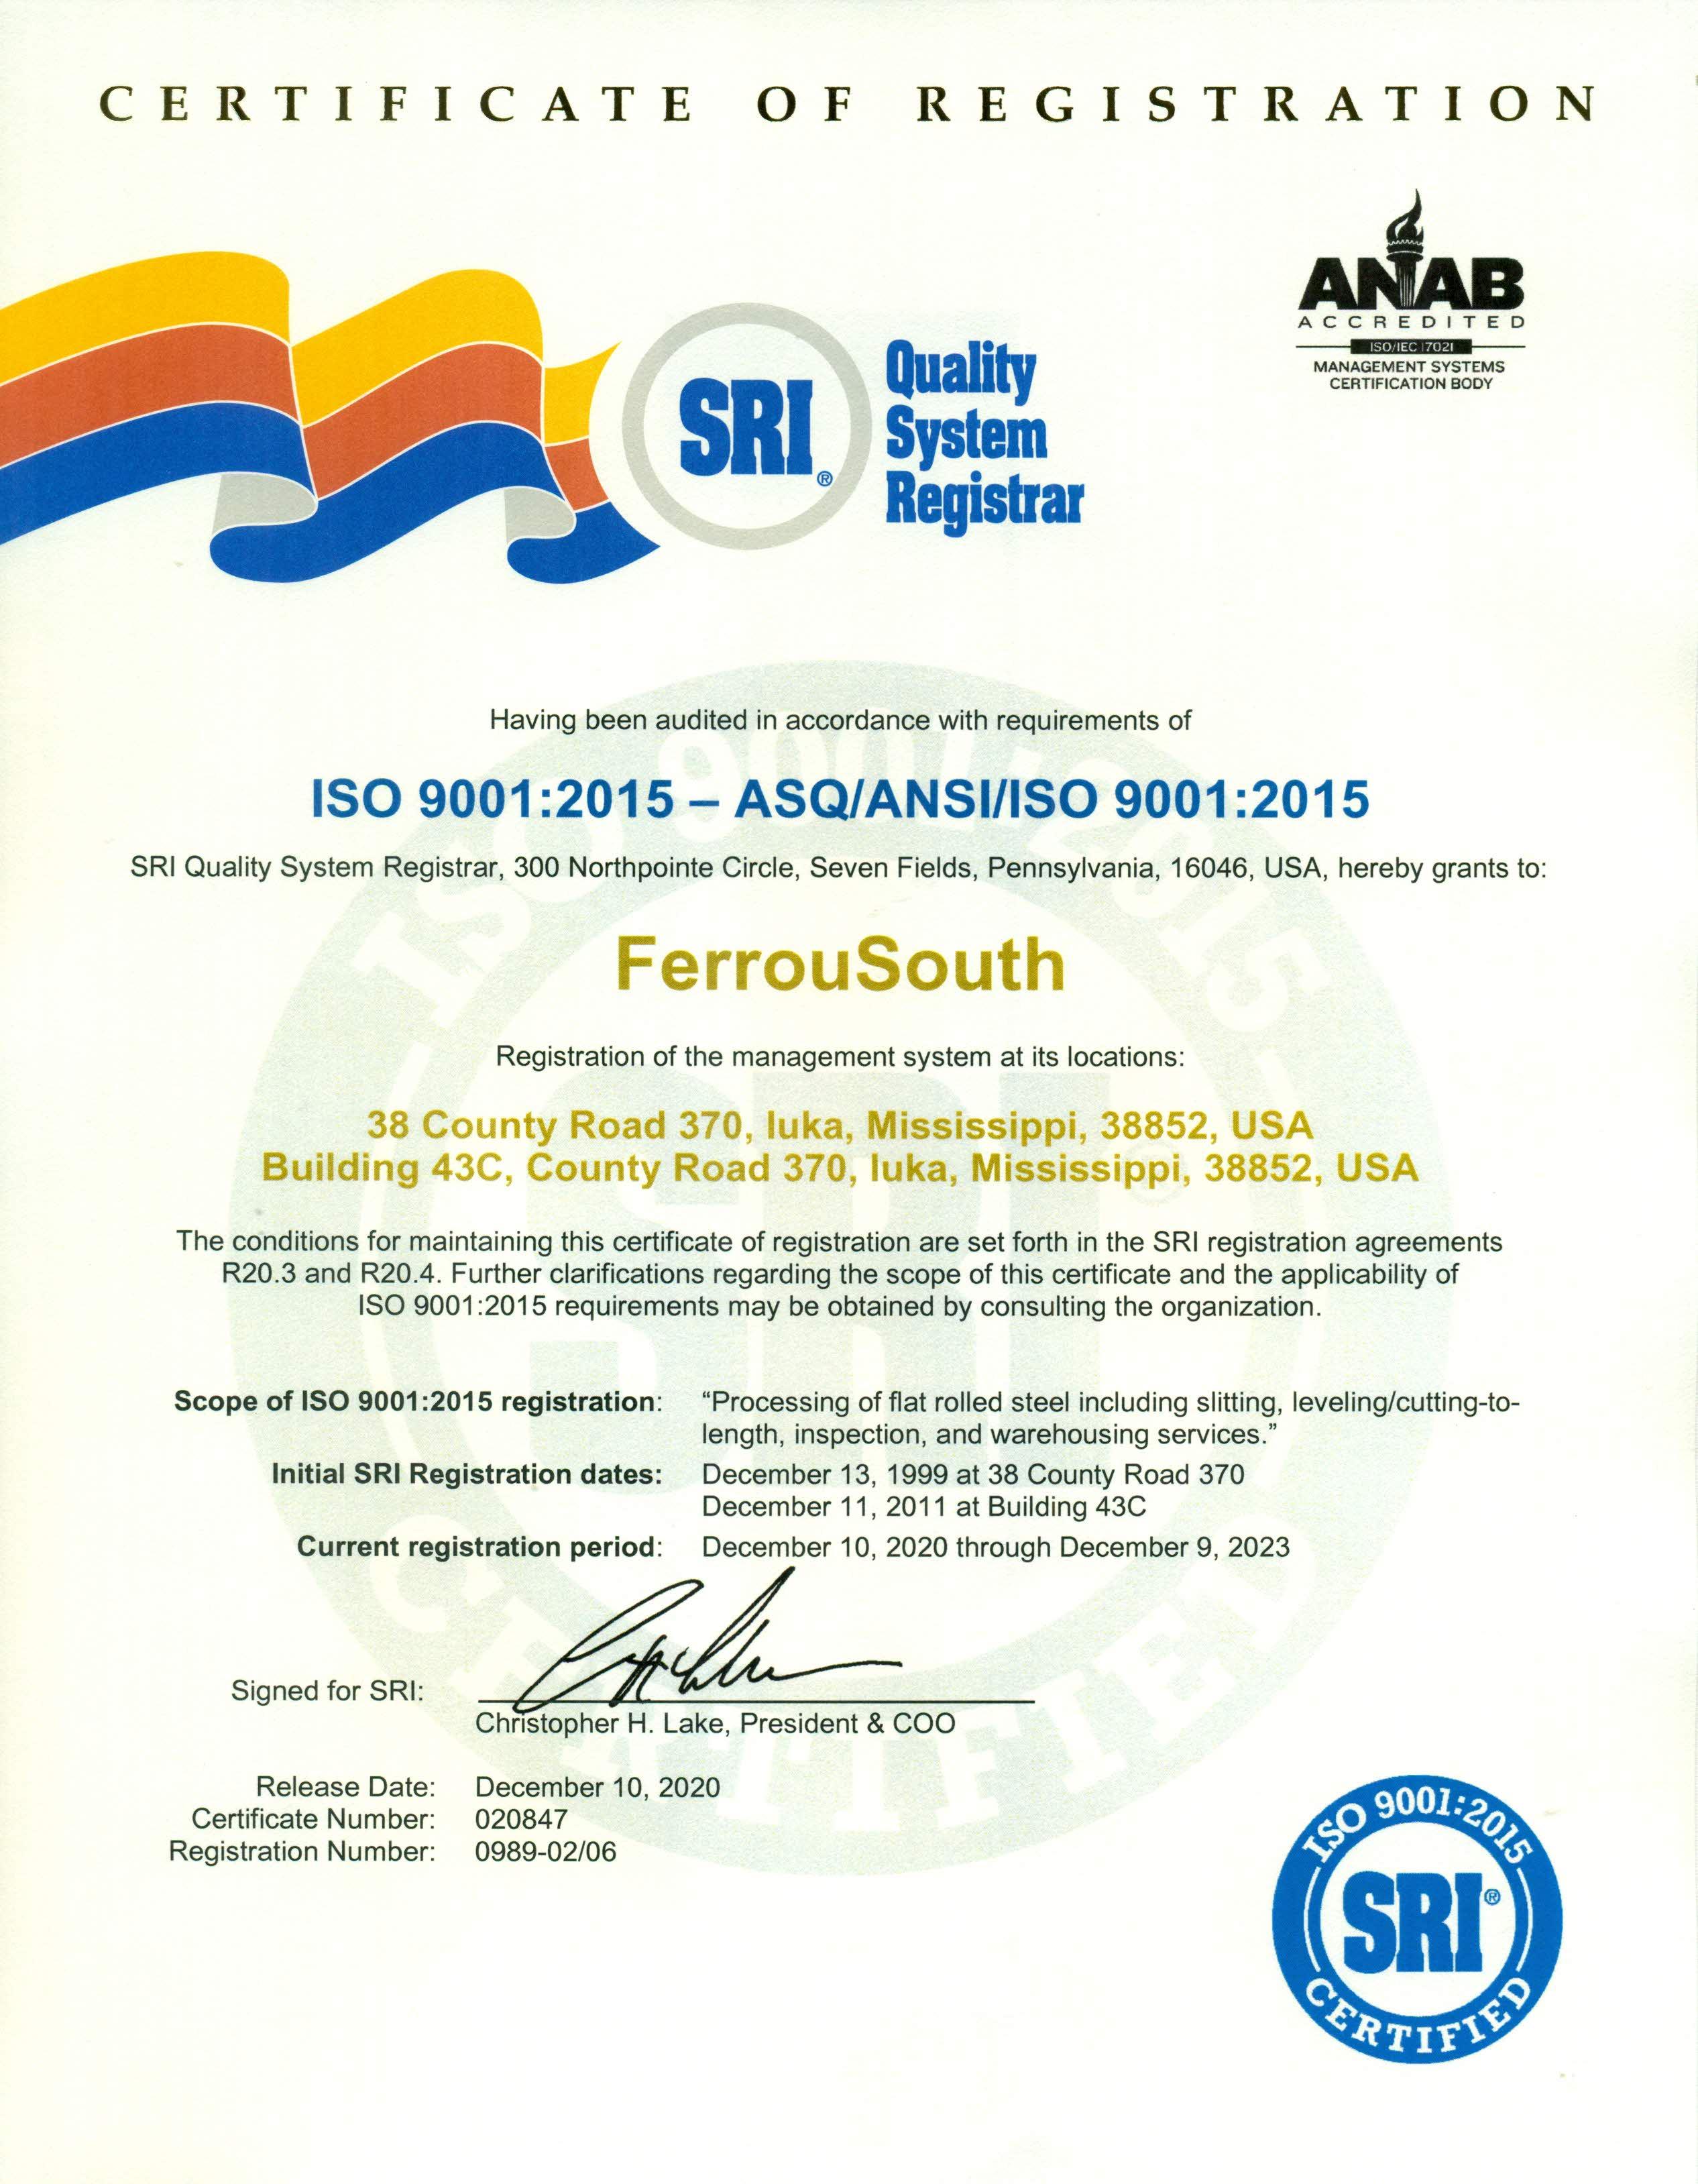 FerrouSouth ISO 9001-2015 Cert (good thru 12-9-23)